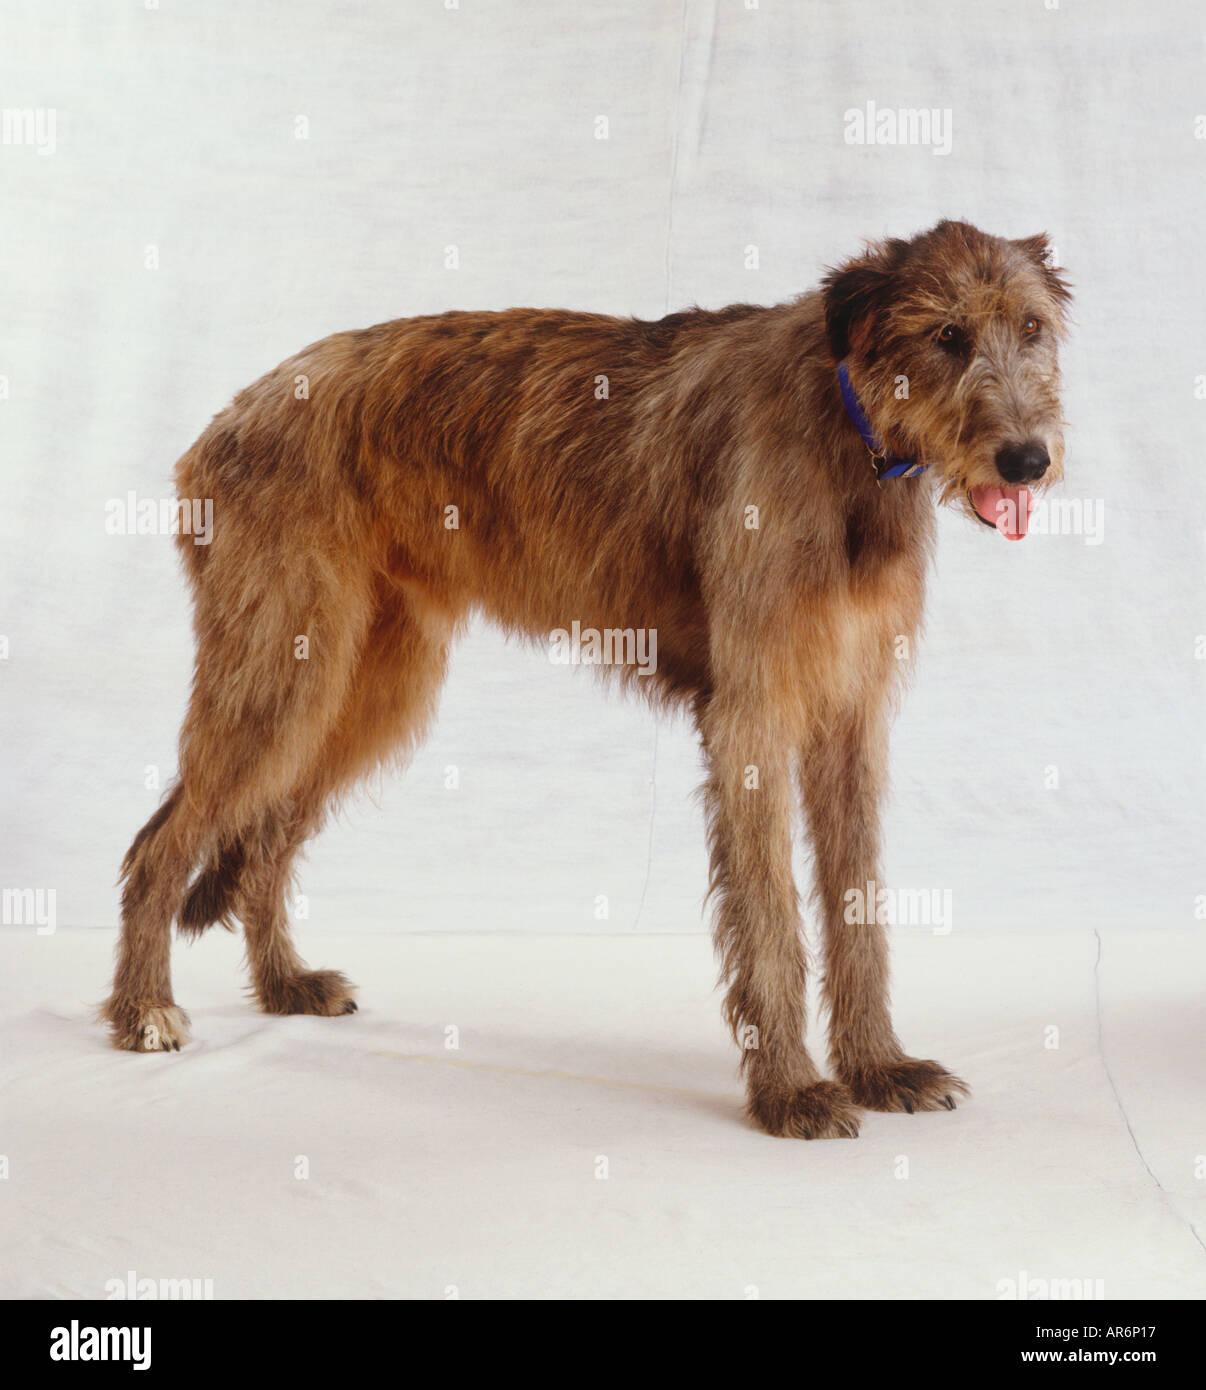 Irish Wolfhound, marrone lungo la pelliccia trasandata standing, ansimando con toingue, indossando il collare blu, vista laterale. Immagini Stock